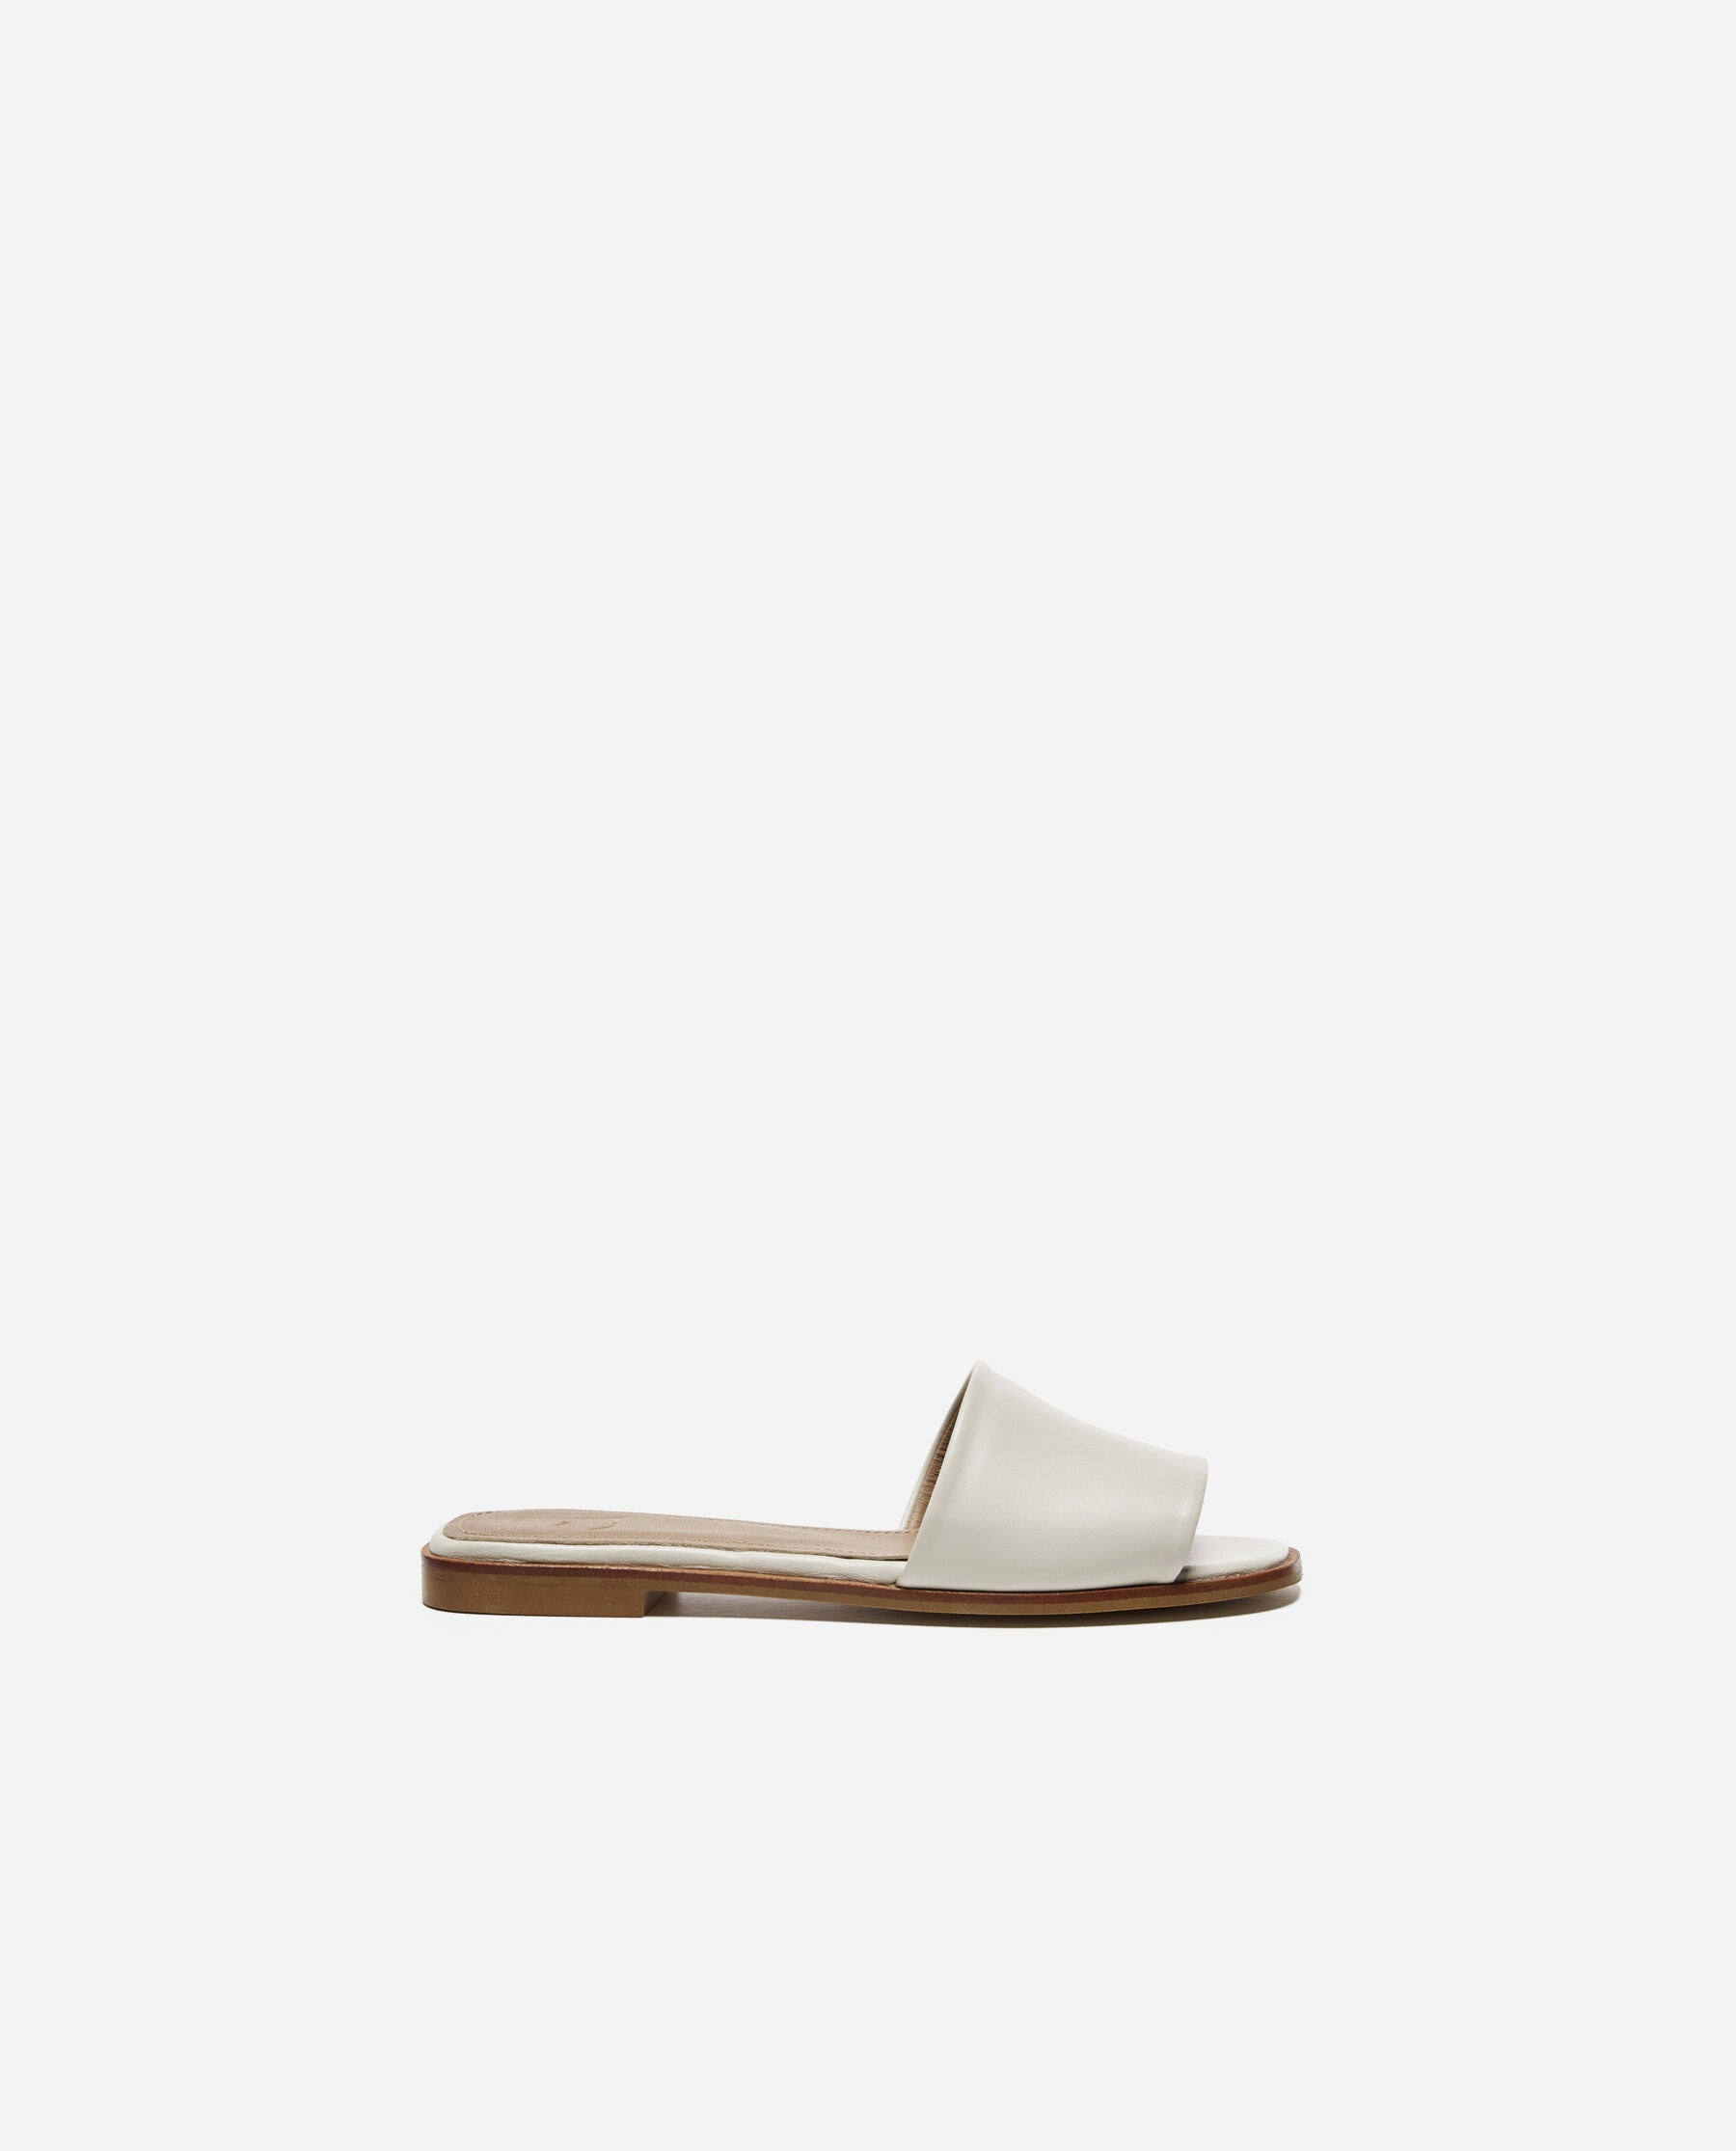 Mouna Leather White